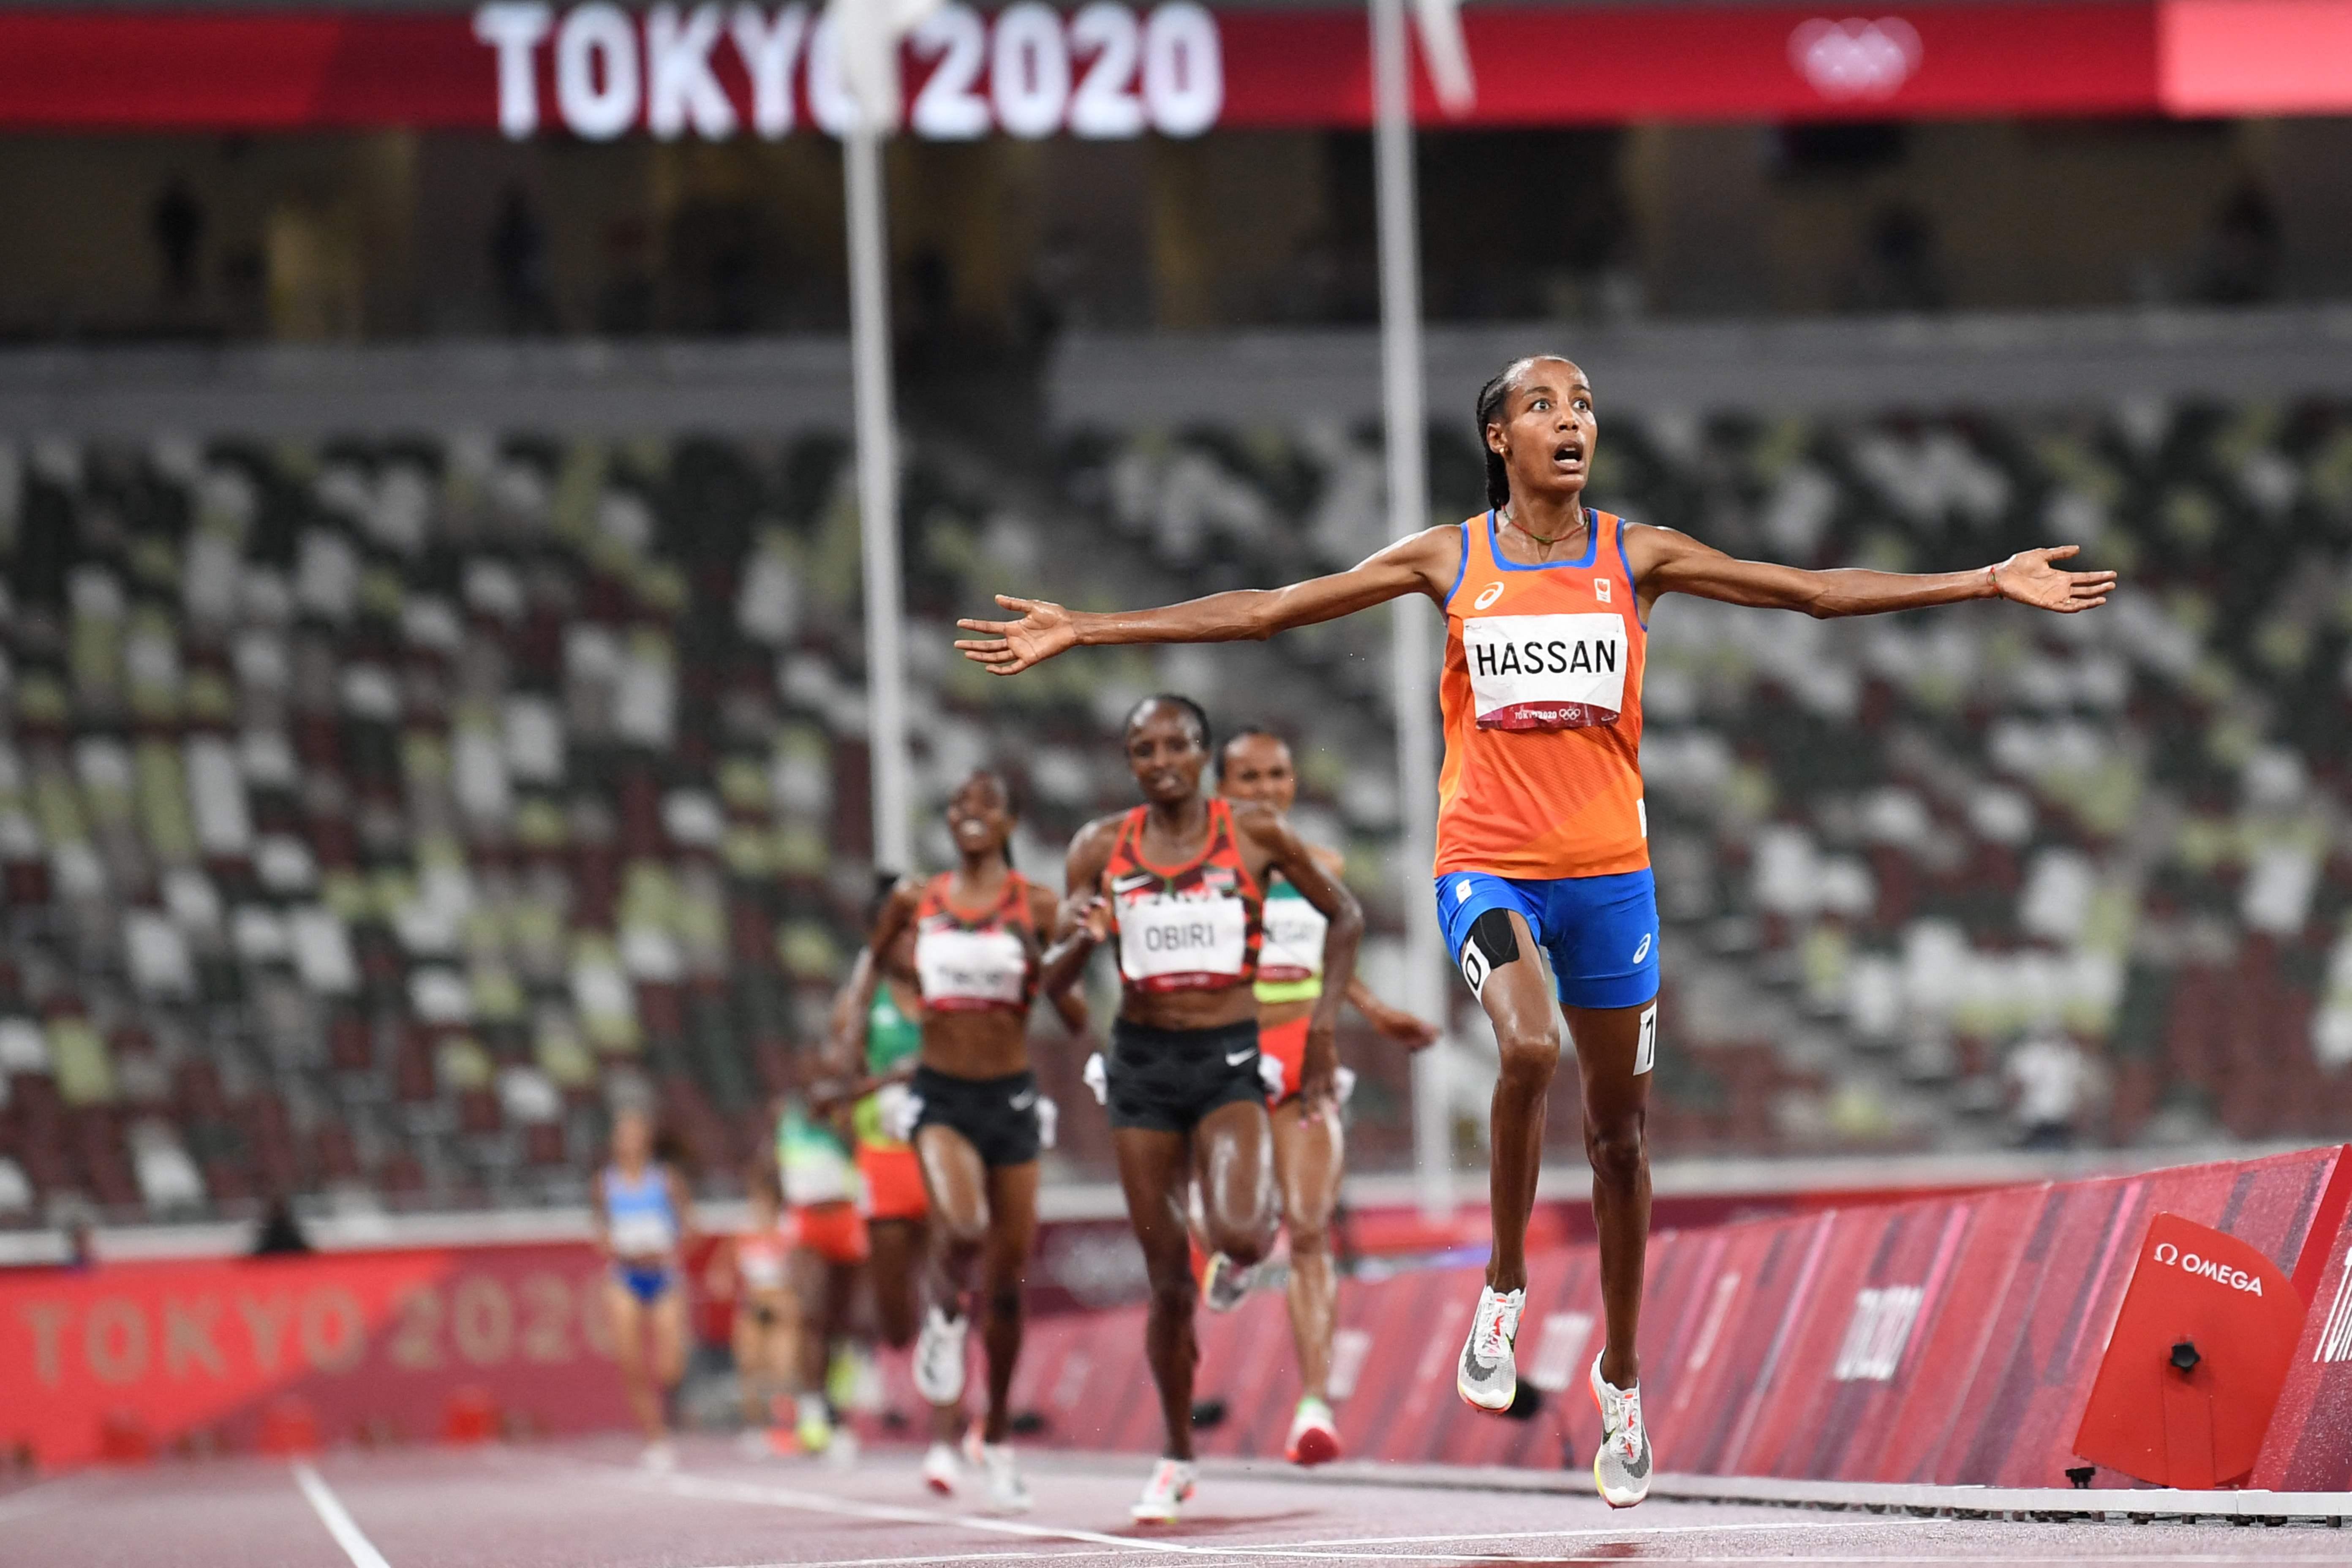 Druk is eraf bij Sifan Hassan na haar zege op de 5000 meter. Alles wijst erop dat ze het niet bij een gouden medaille zal laten